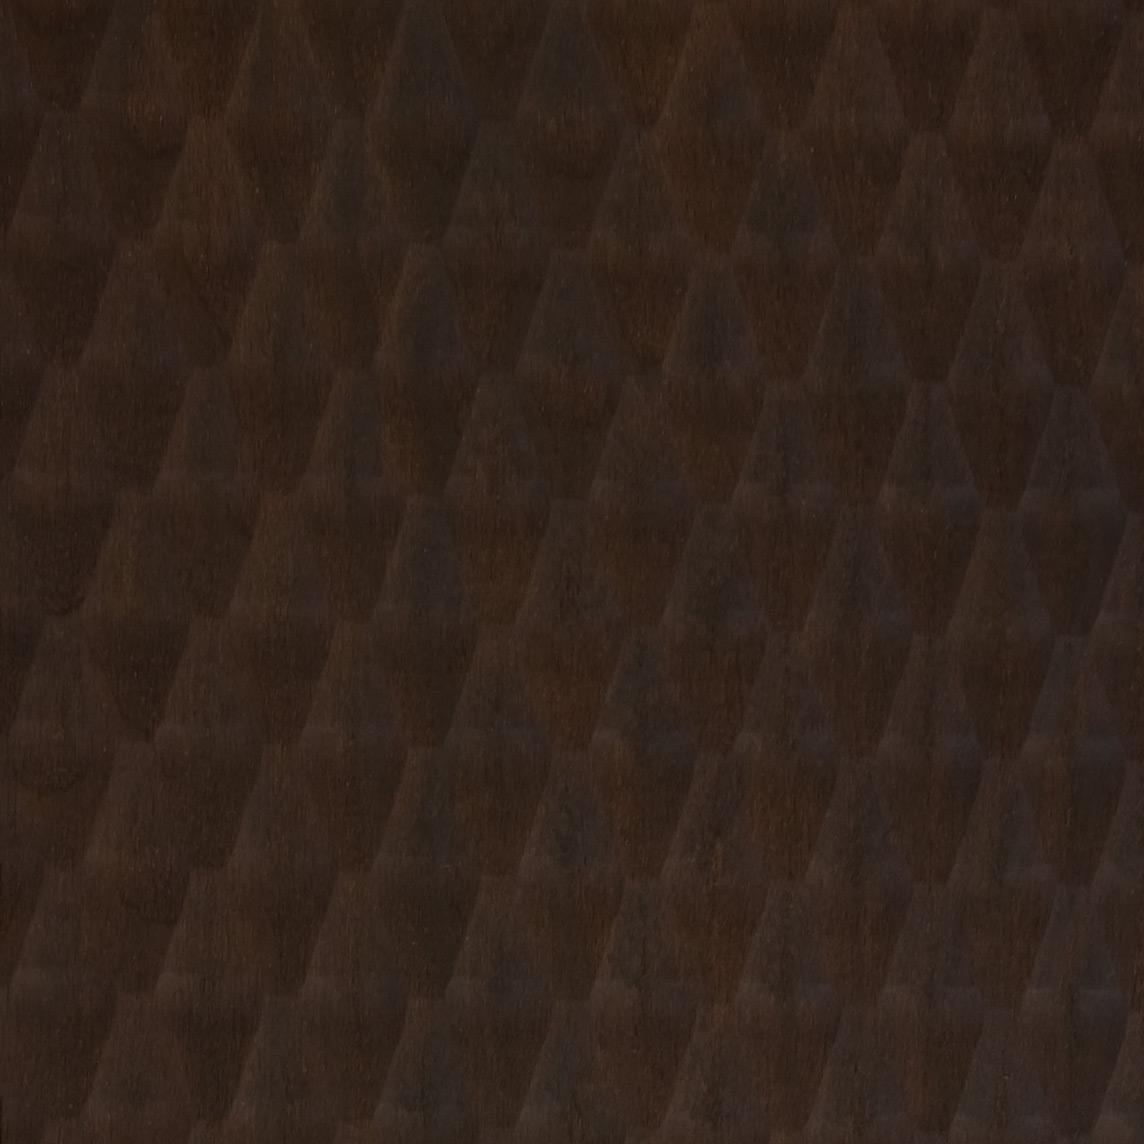 Element7-wide-plank-samples-fired-rhomboid-beech